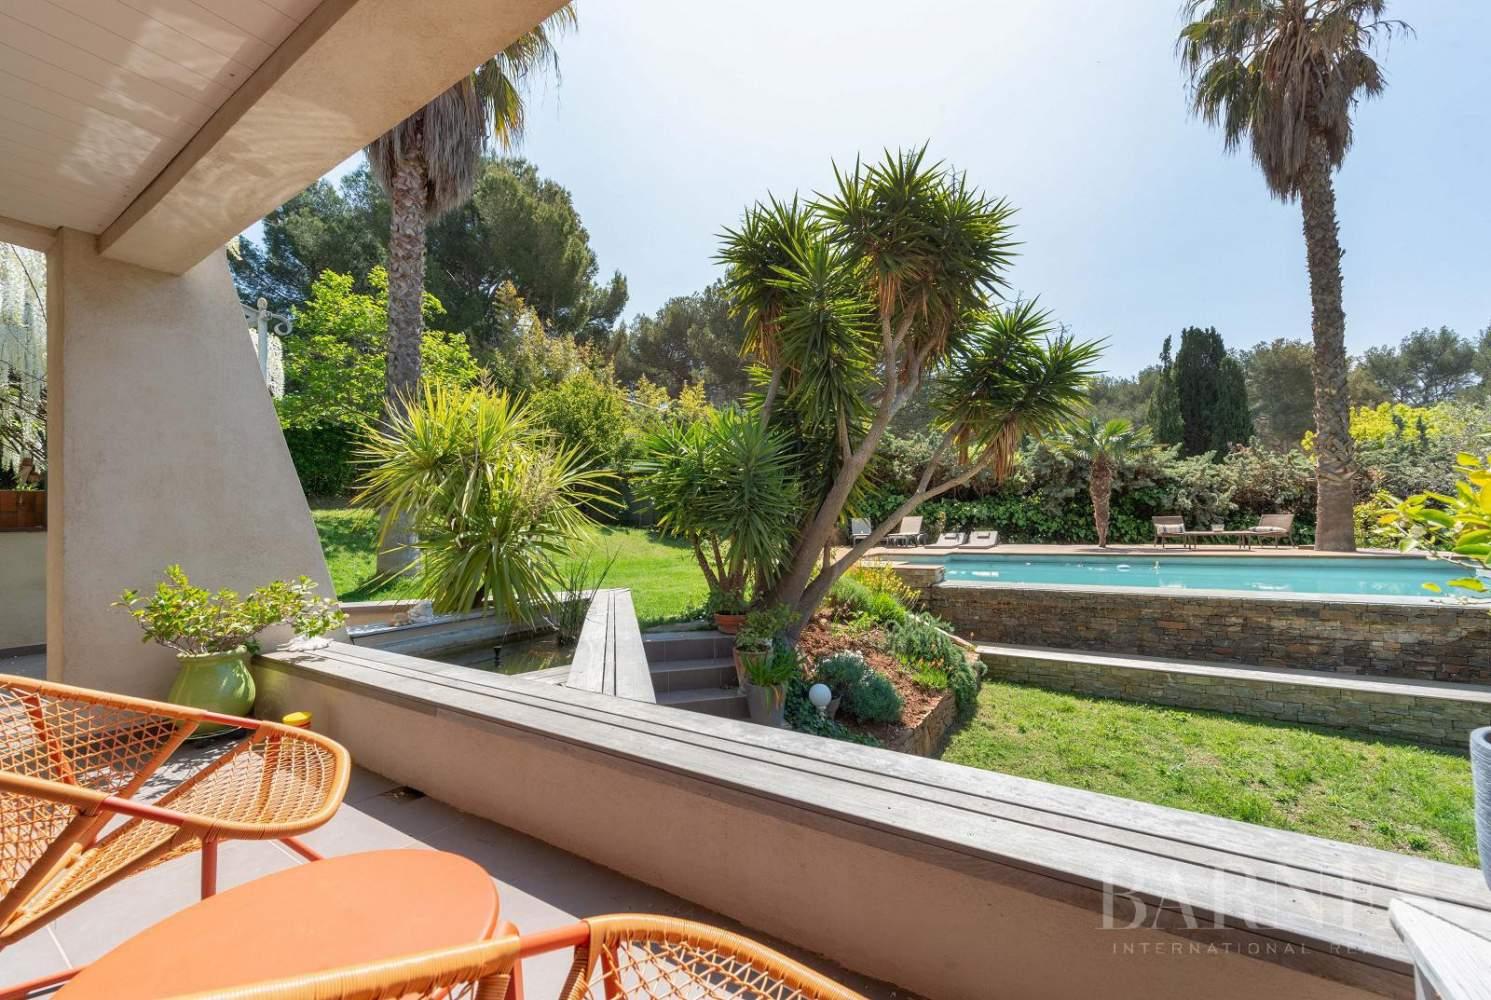 Vente - Sanary - La Cride - Villa d'architecte - Piscine - Proche plage et port picture 9